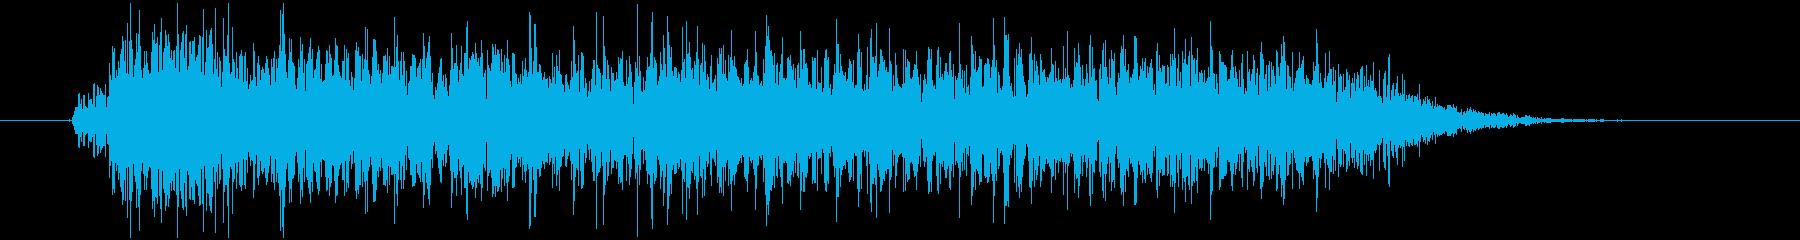 大型モンスターの声 威嚇 グアーッ Sの再生済みの波形